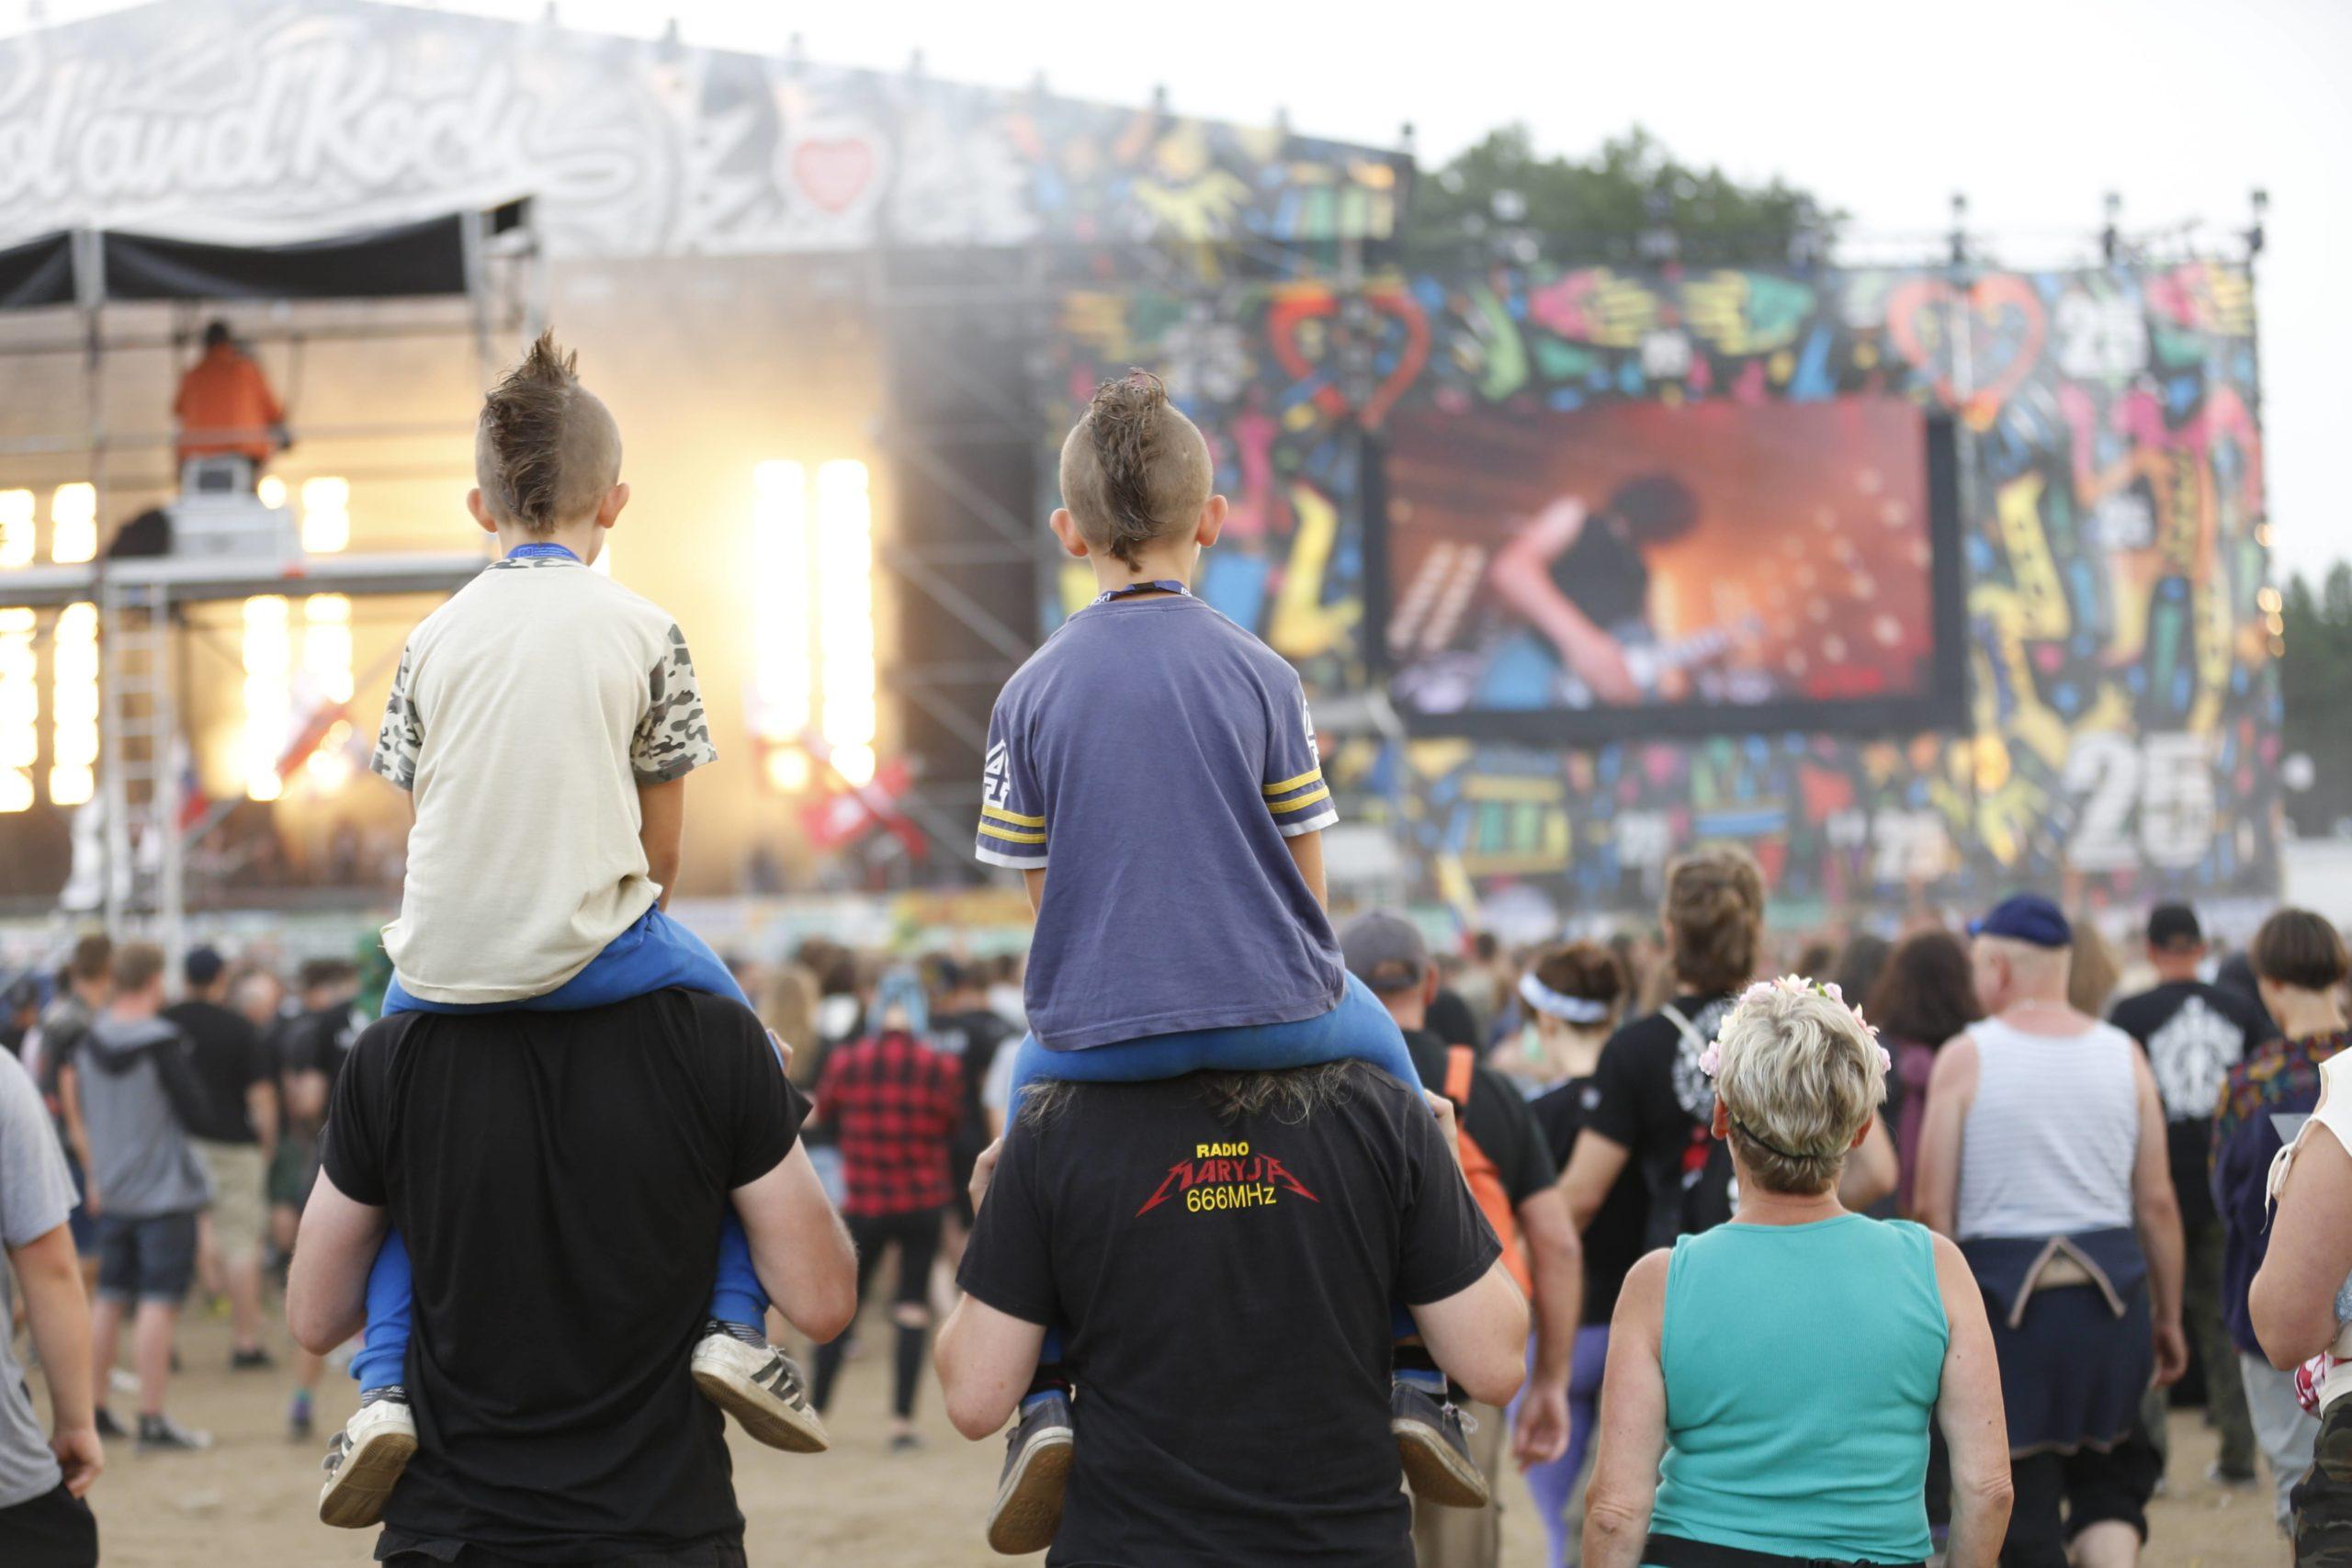 Ein Festival für die ganze Rocker-Familie: Das Pol'and'Roll an der deutsch-polnischen Grenze. Foto: Imago Images/Pacific Press Agency